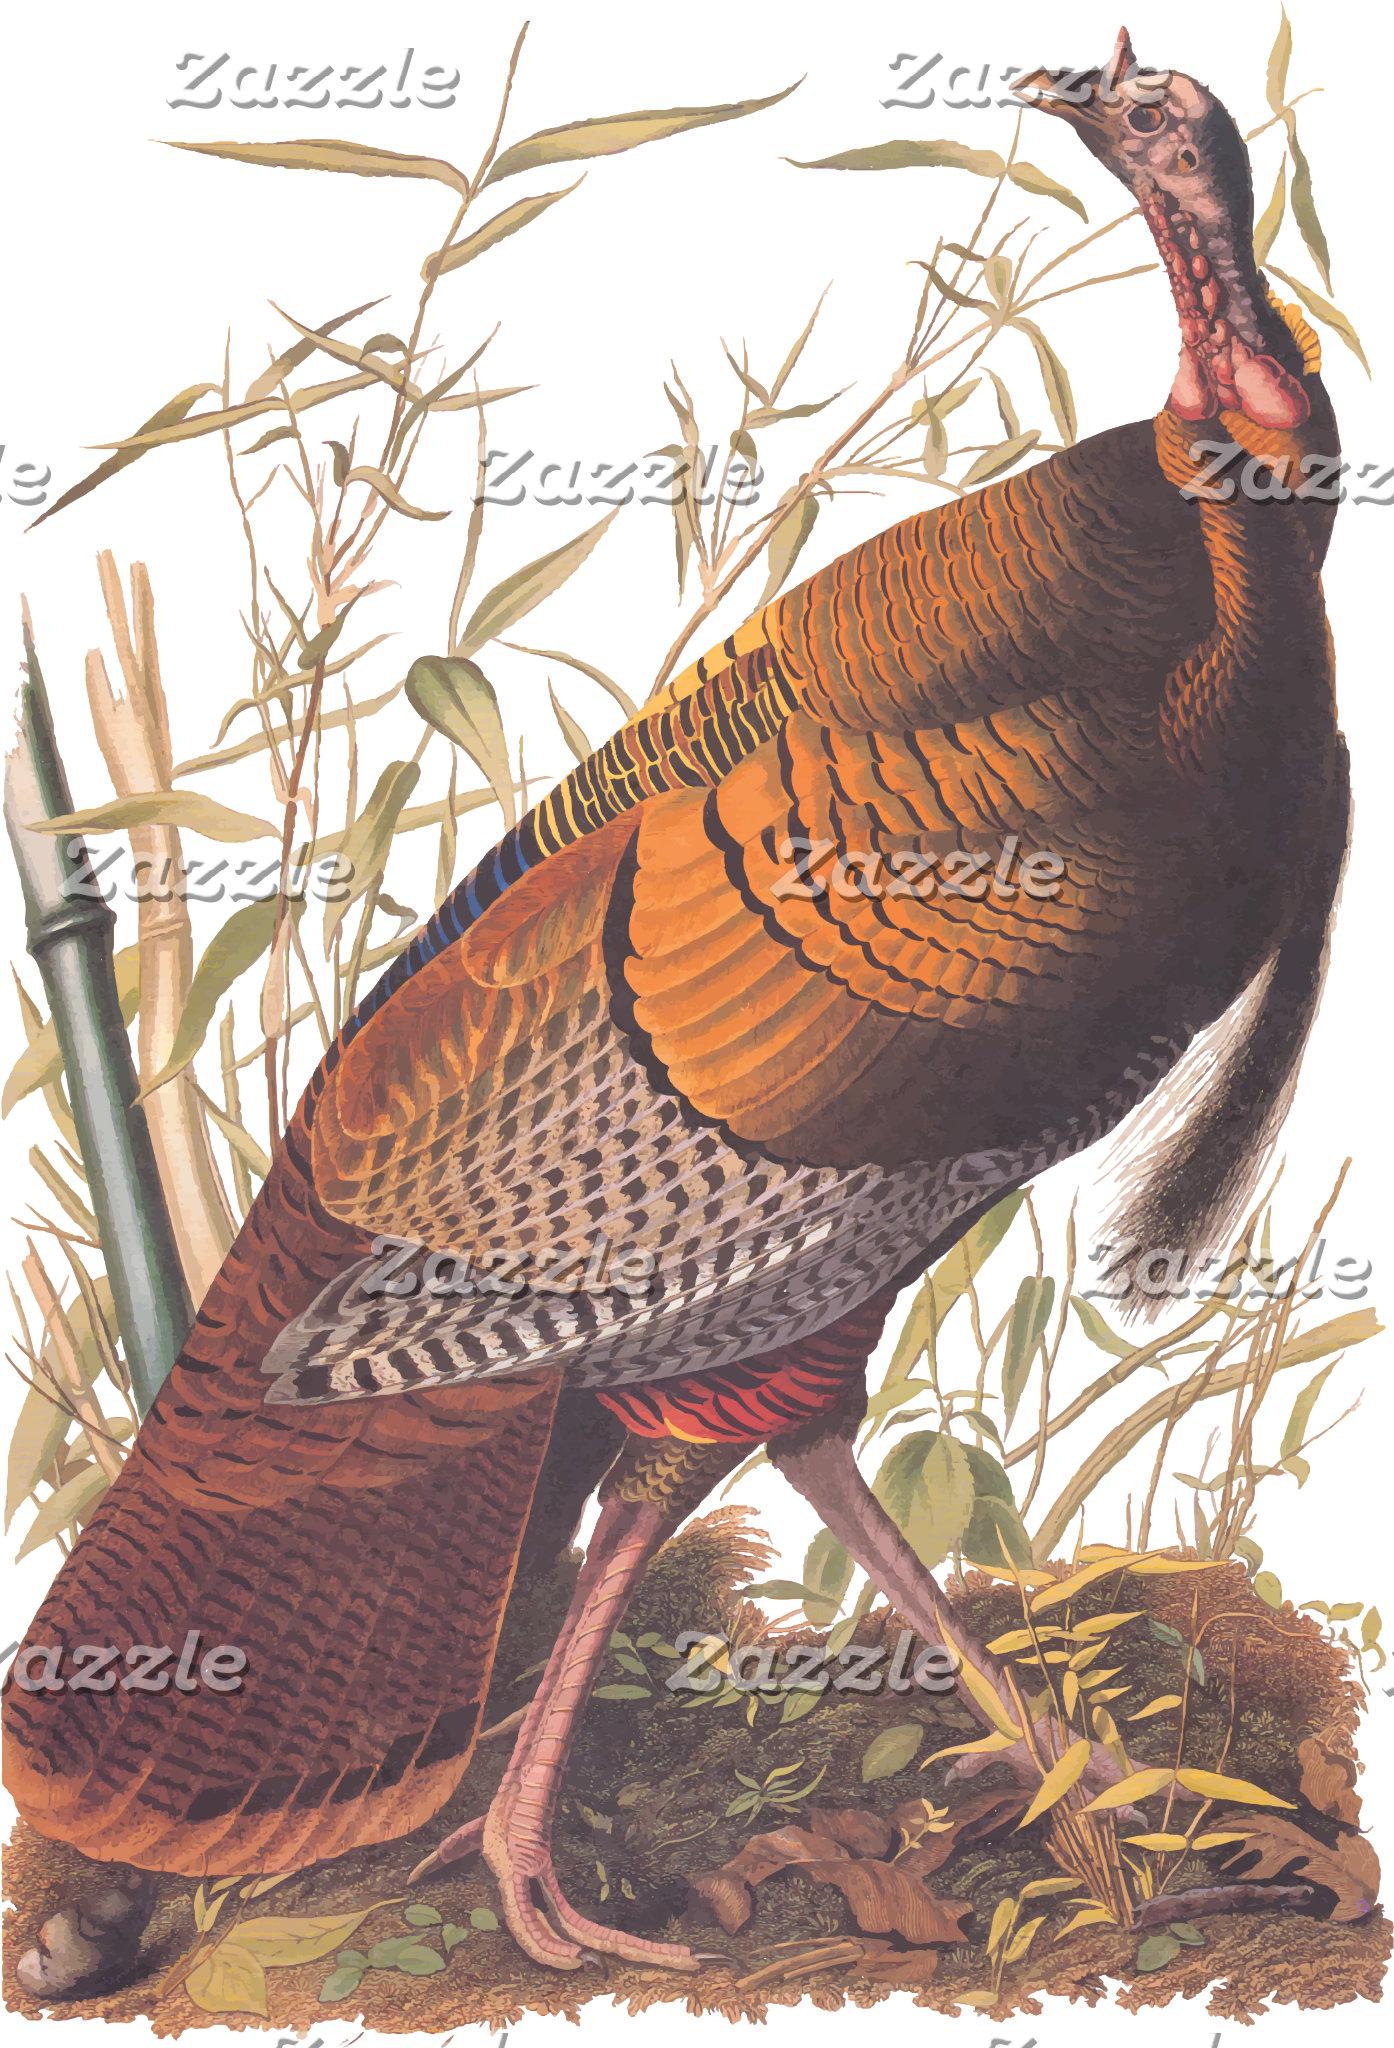 Wild Turkey (Plate 1)